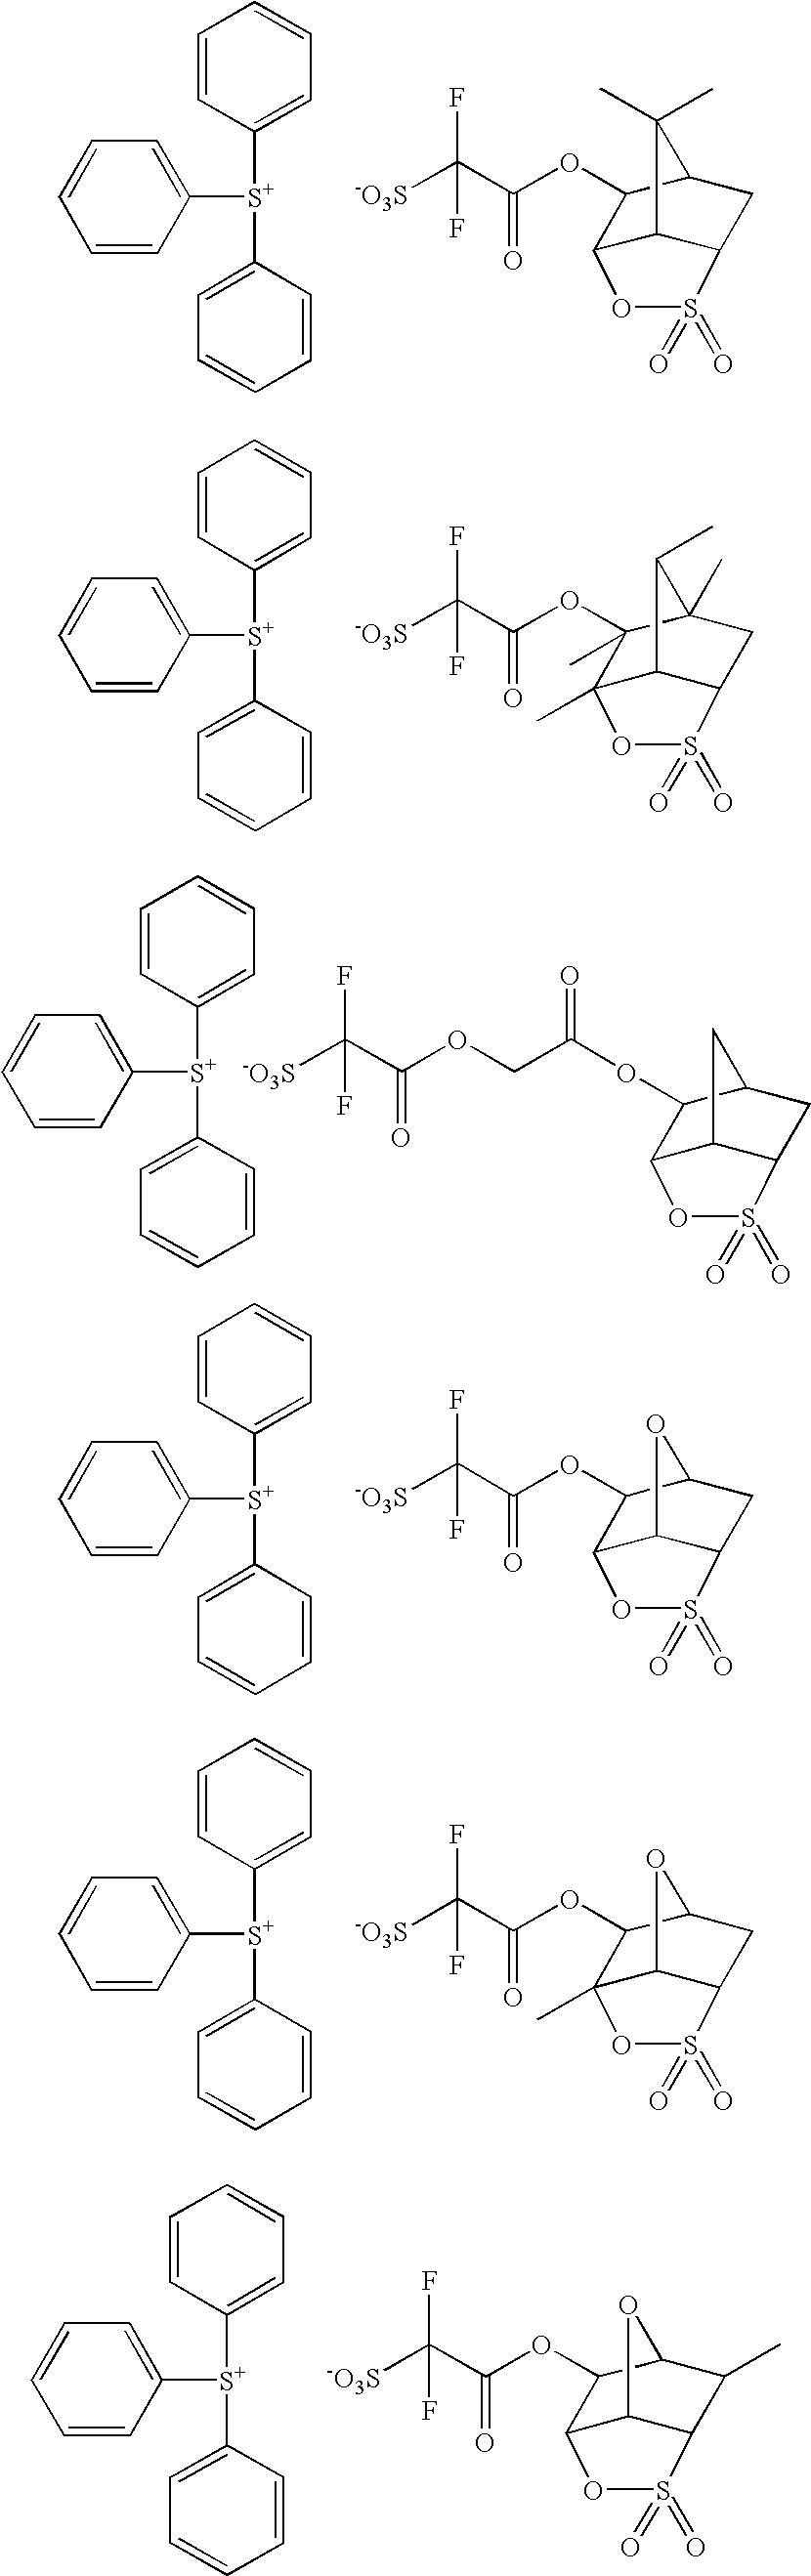 Figure US20100323296A1-20101223-C00152